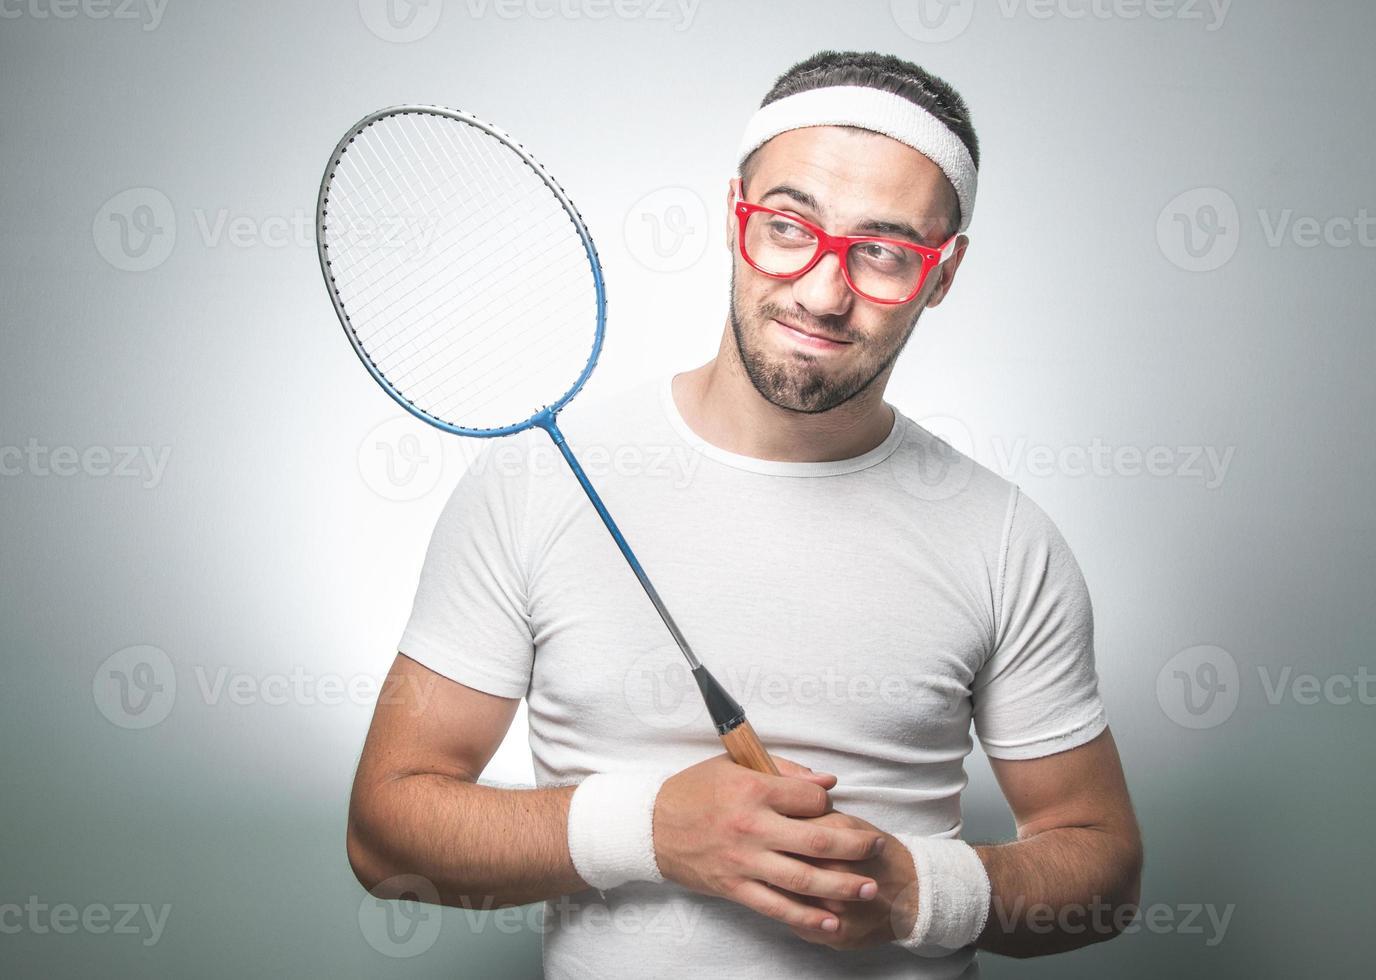 grappige tennisser foto